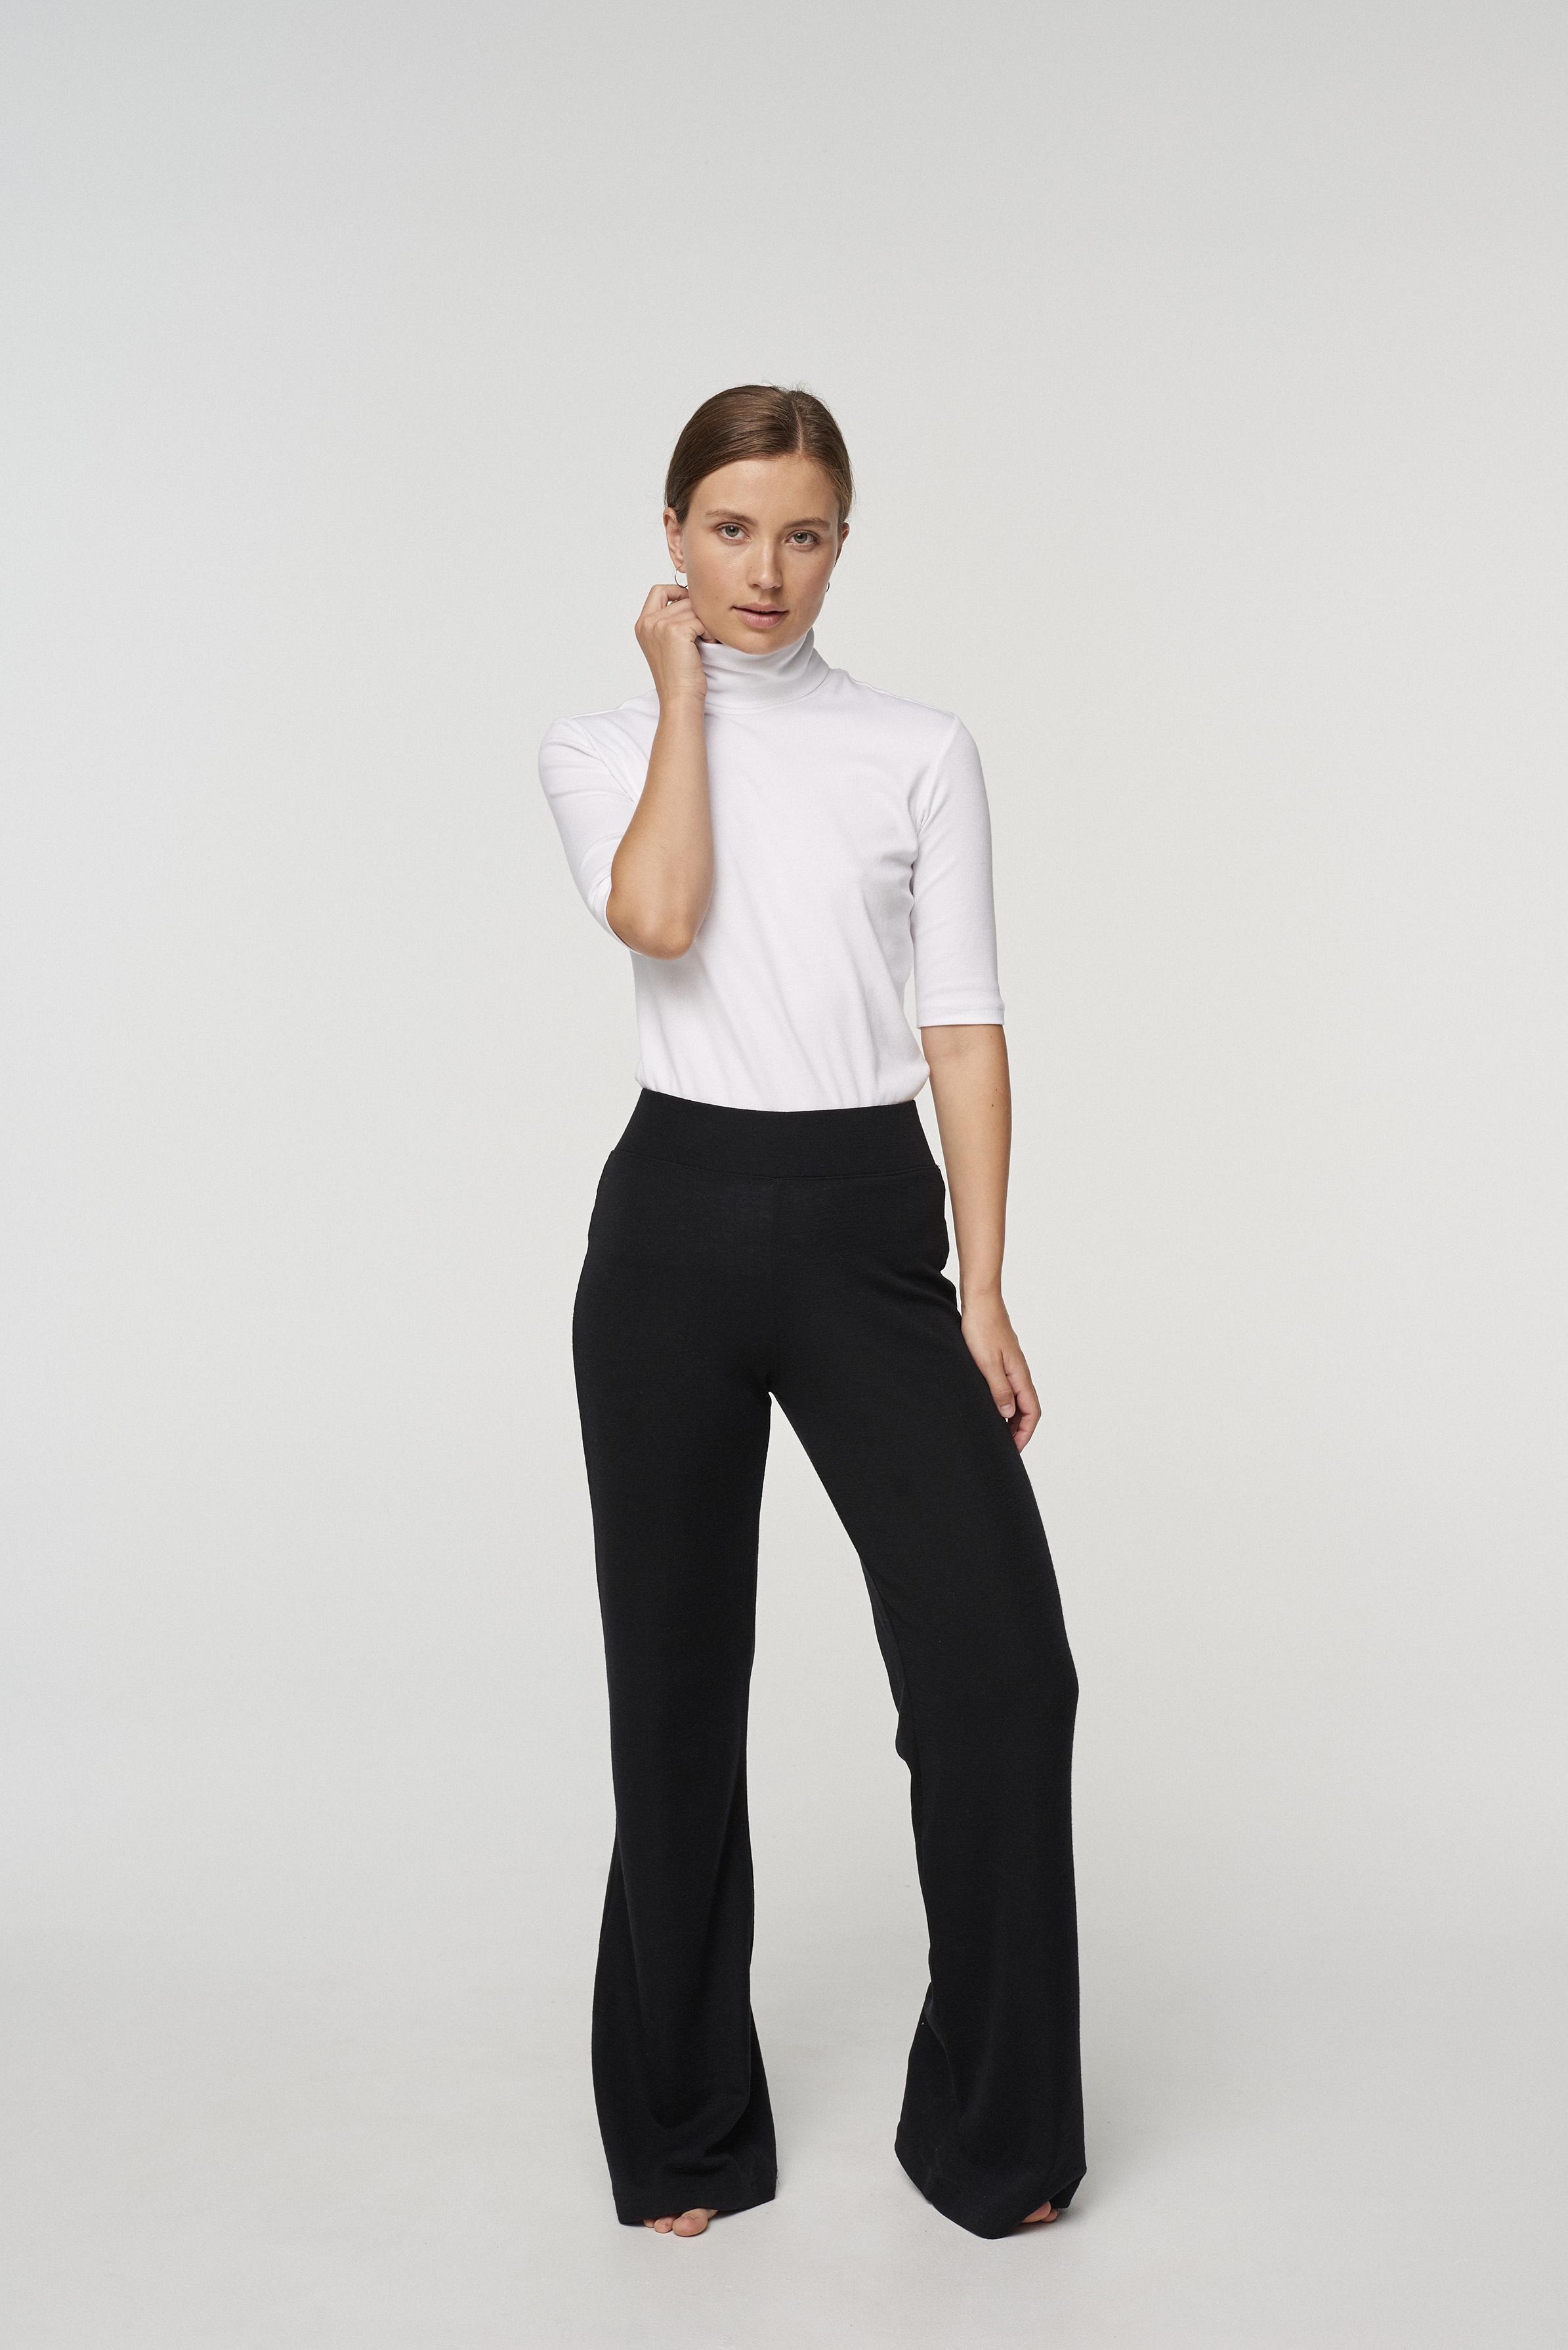 Julie Josephine - Emilie Comfy Pants